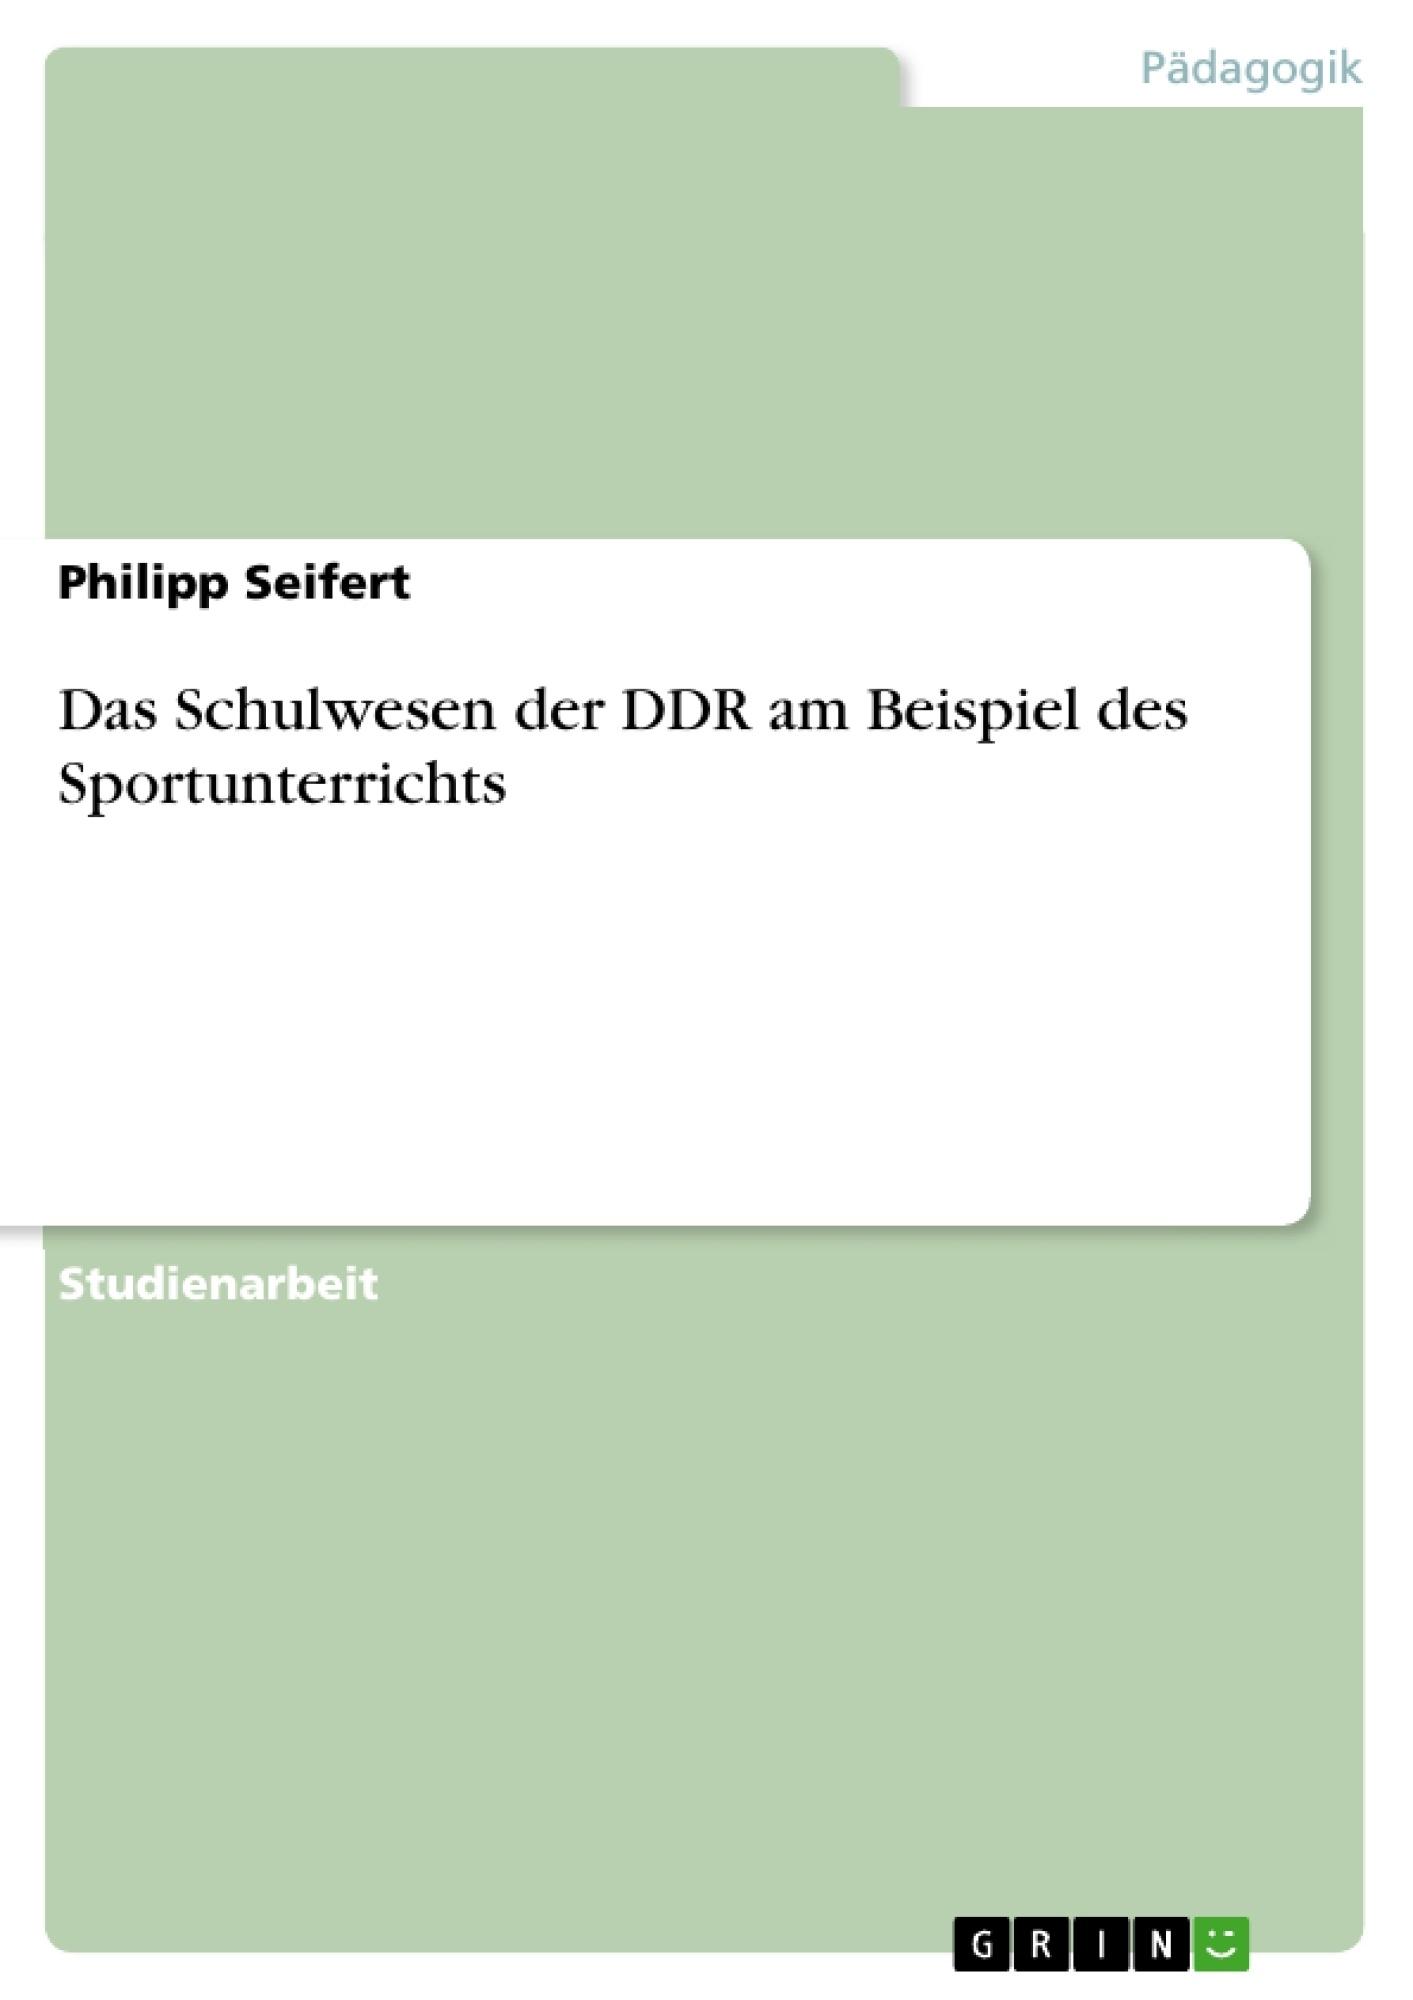 Titel: Das Schulwesen der DDR am Beispiel des Sportunterrichts